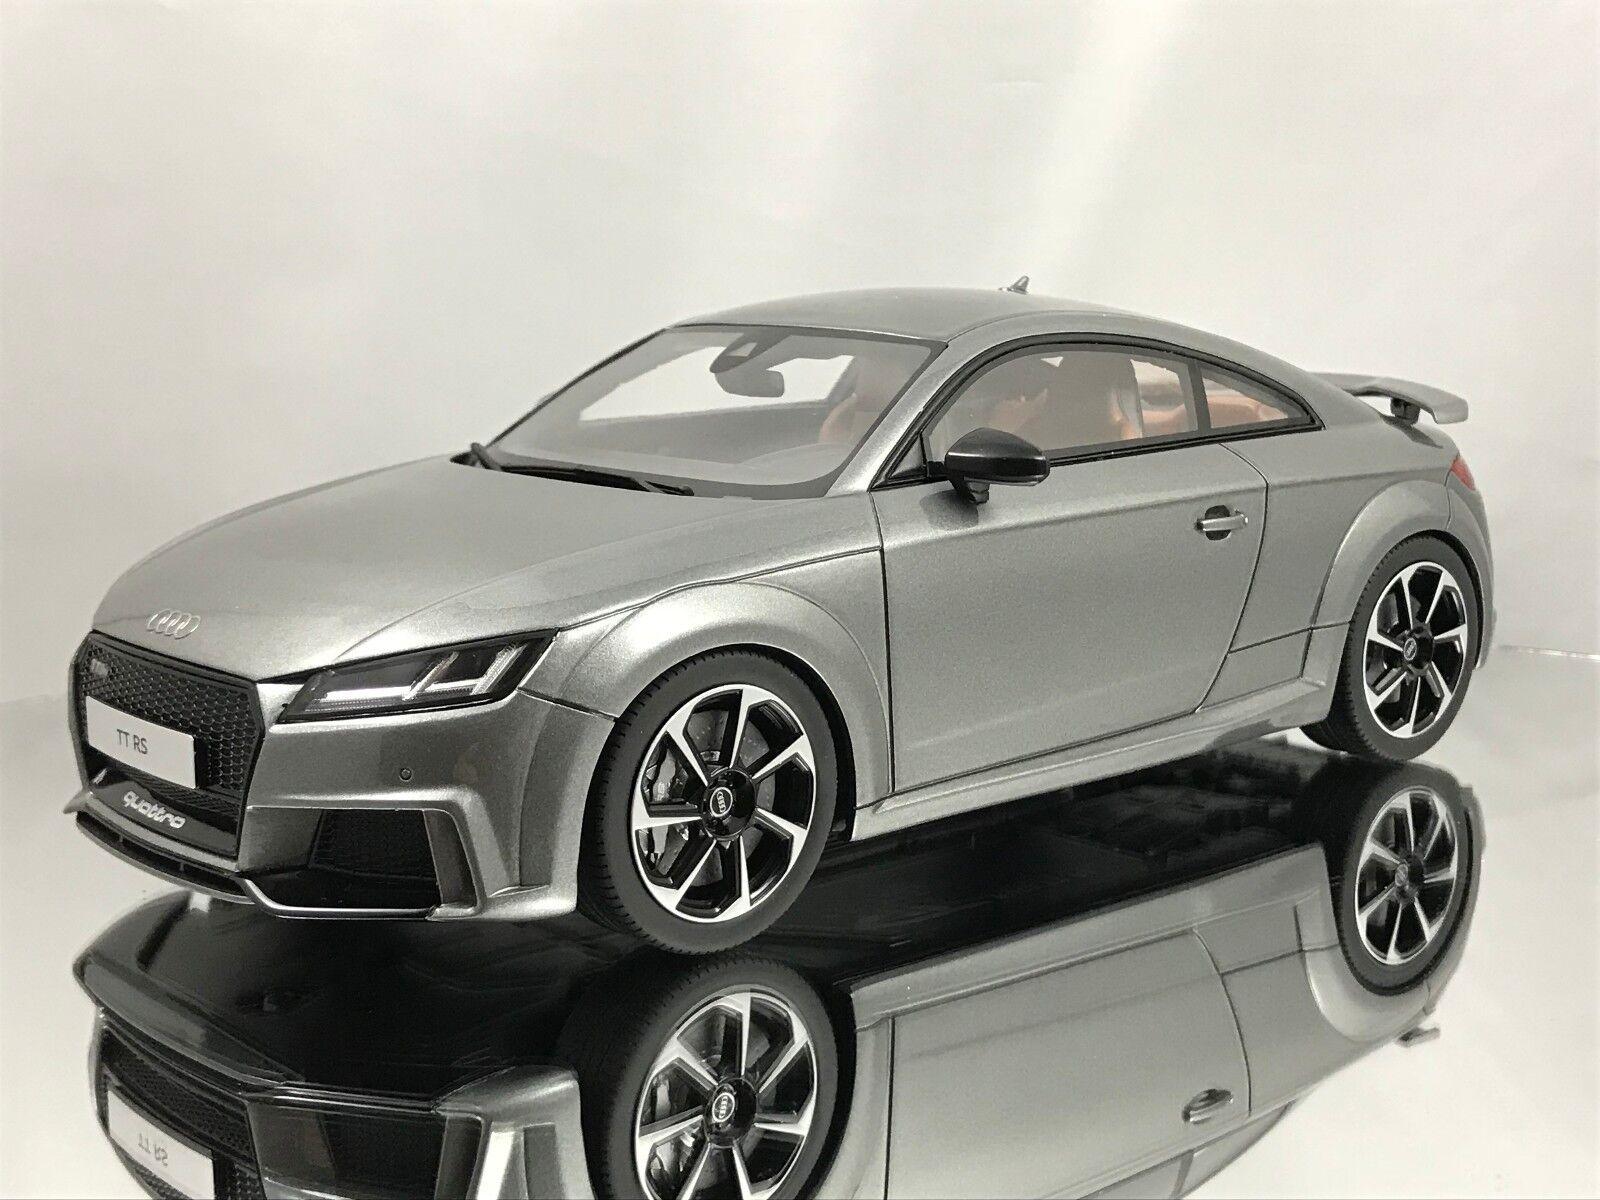 GT anda Audi TT RS Quattro 2016 Daytona grå hkonsts modellllerler Bil 1 18